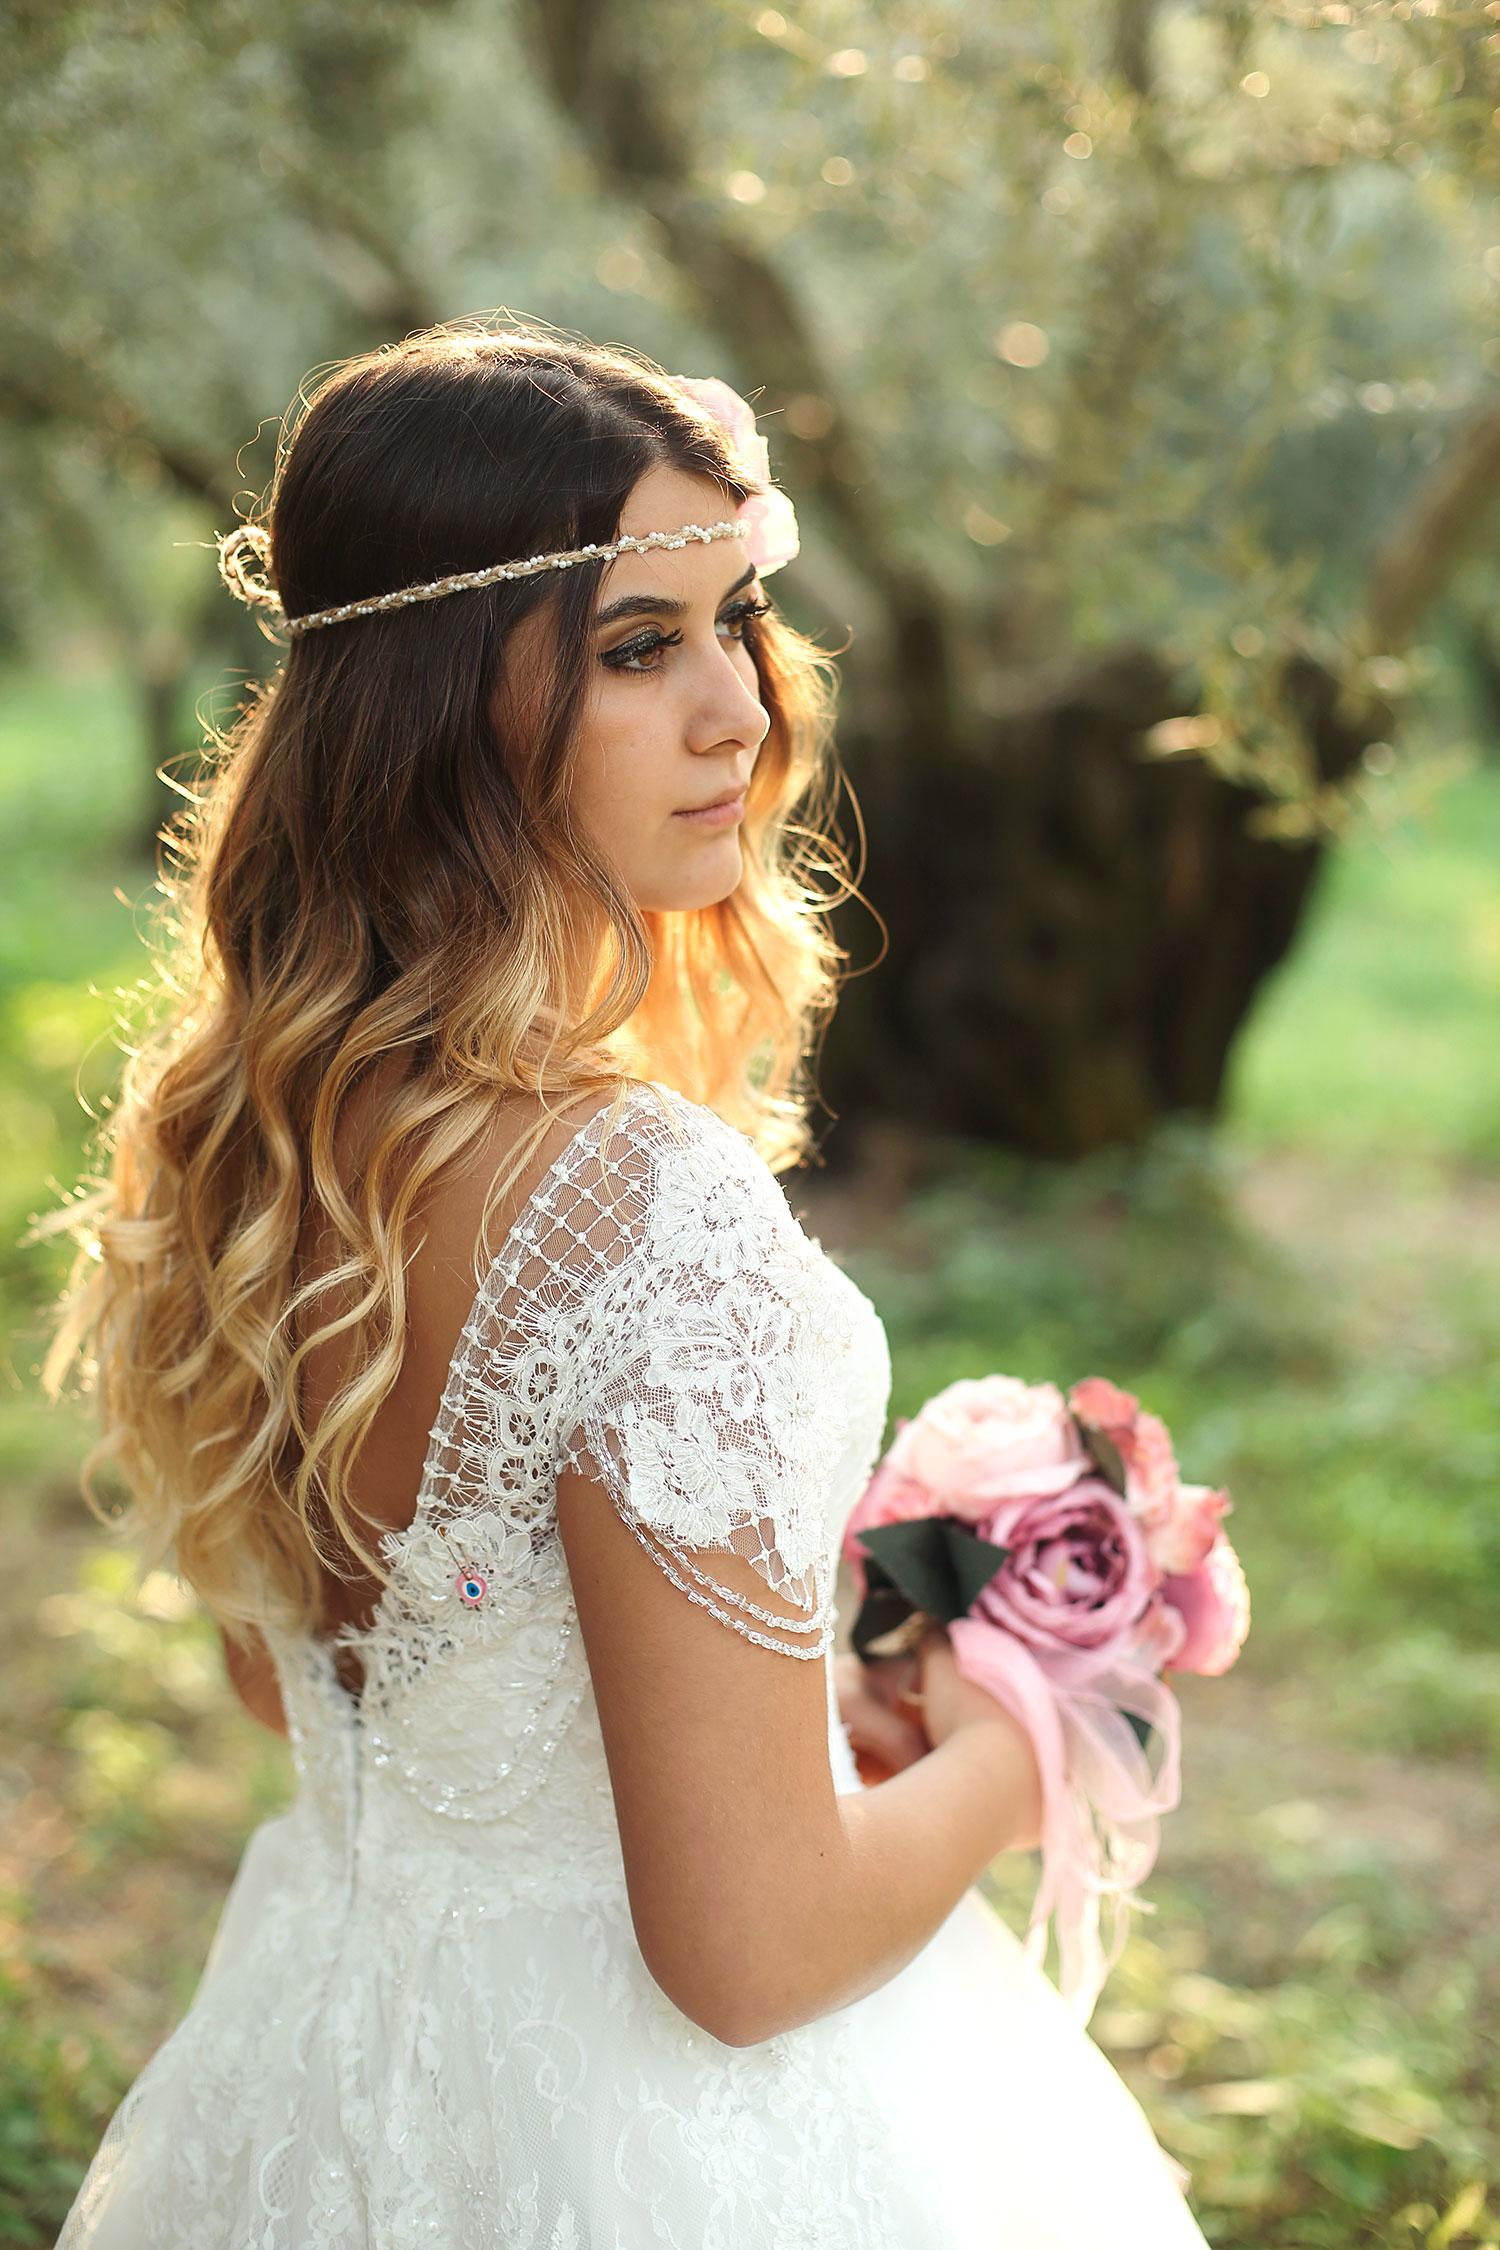 bursa_dugun_fotografcisi_467